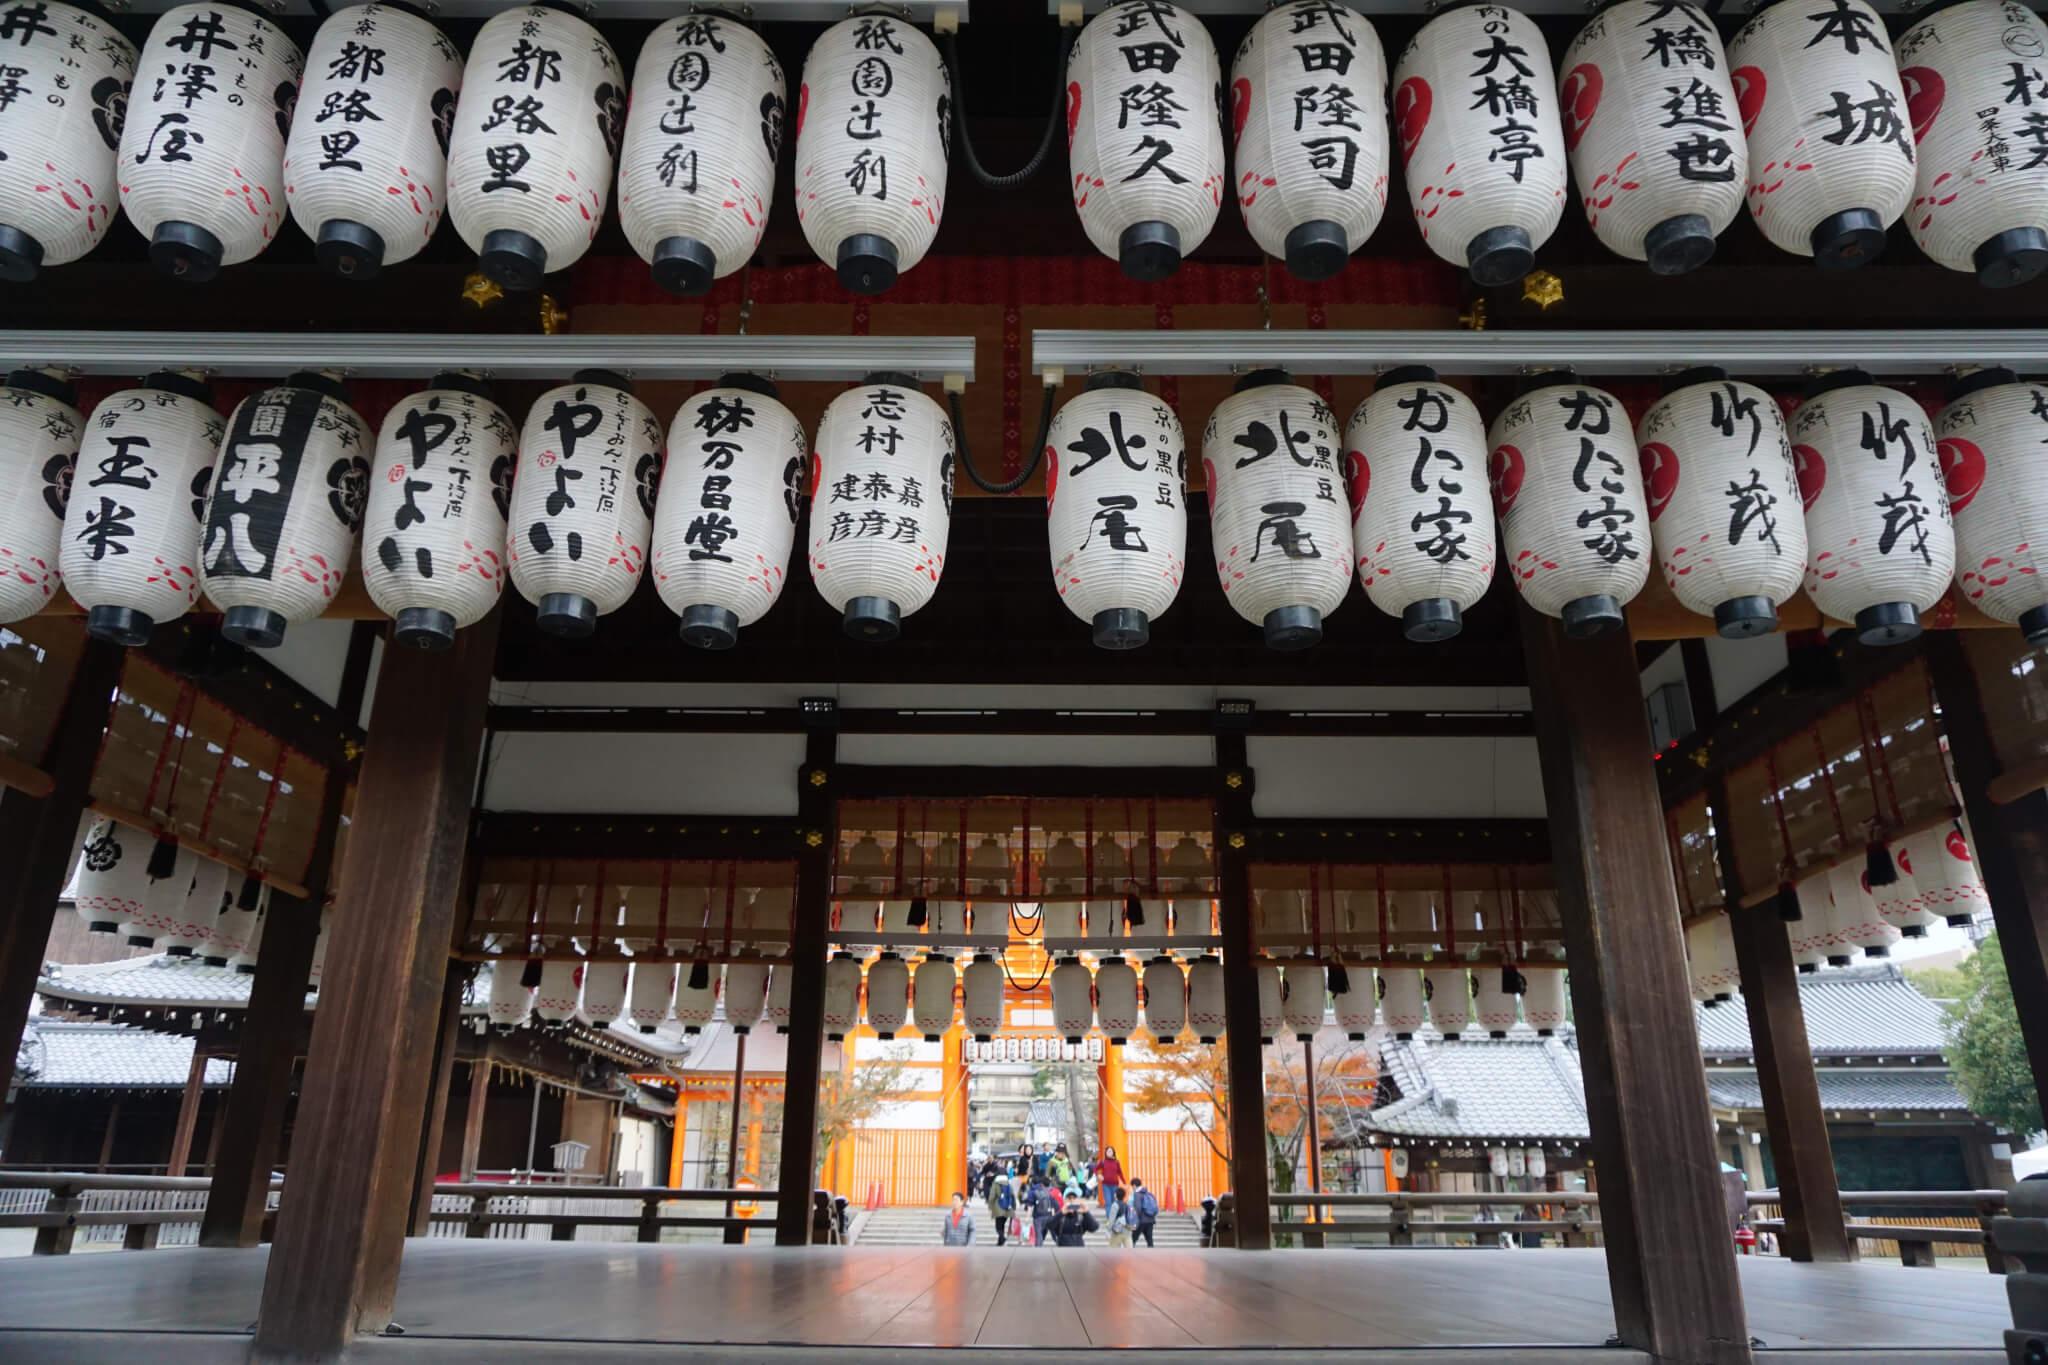 japao-lanternas-duvine